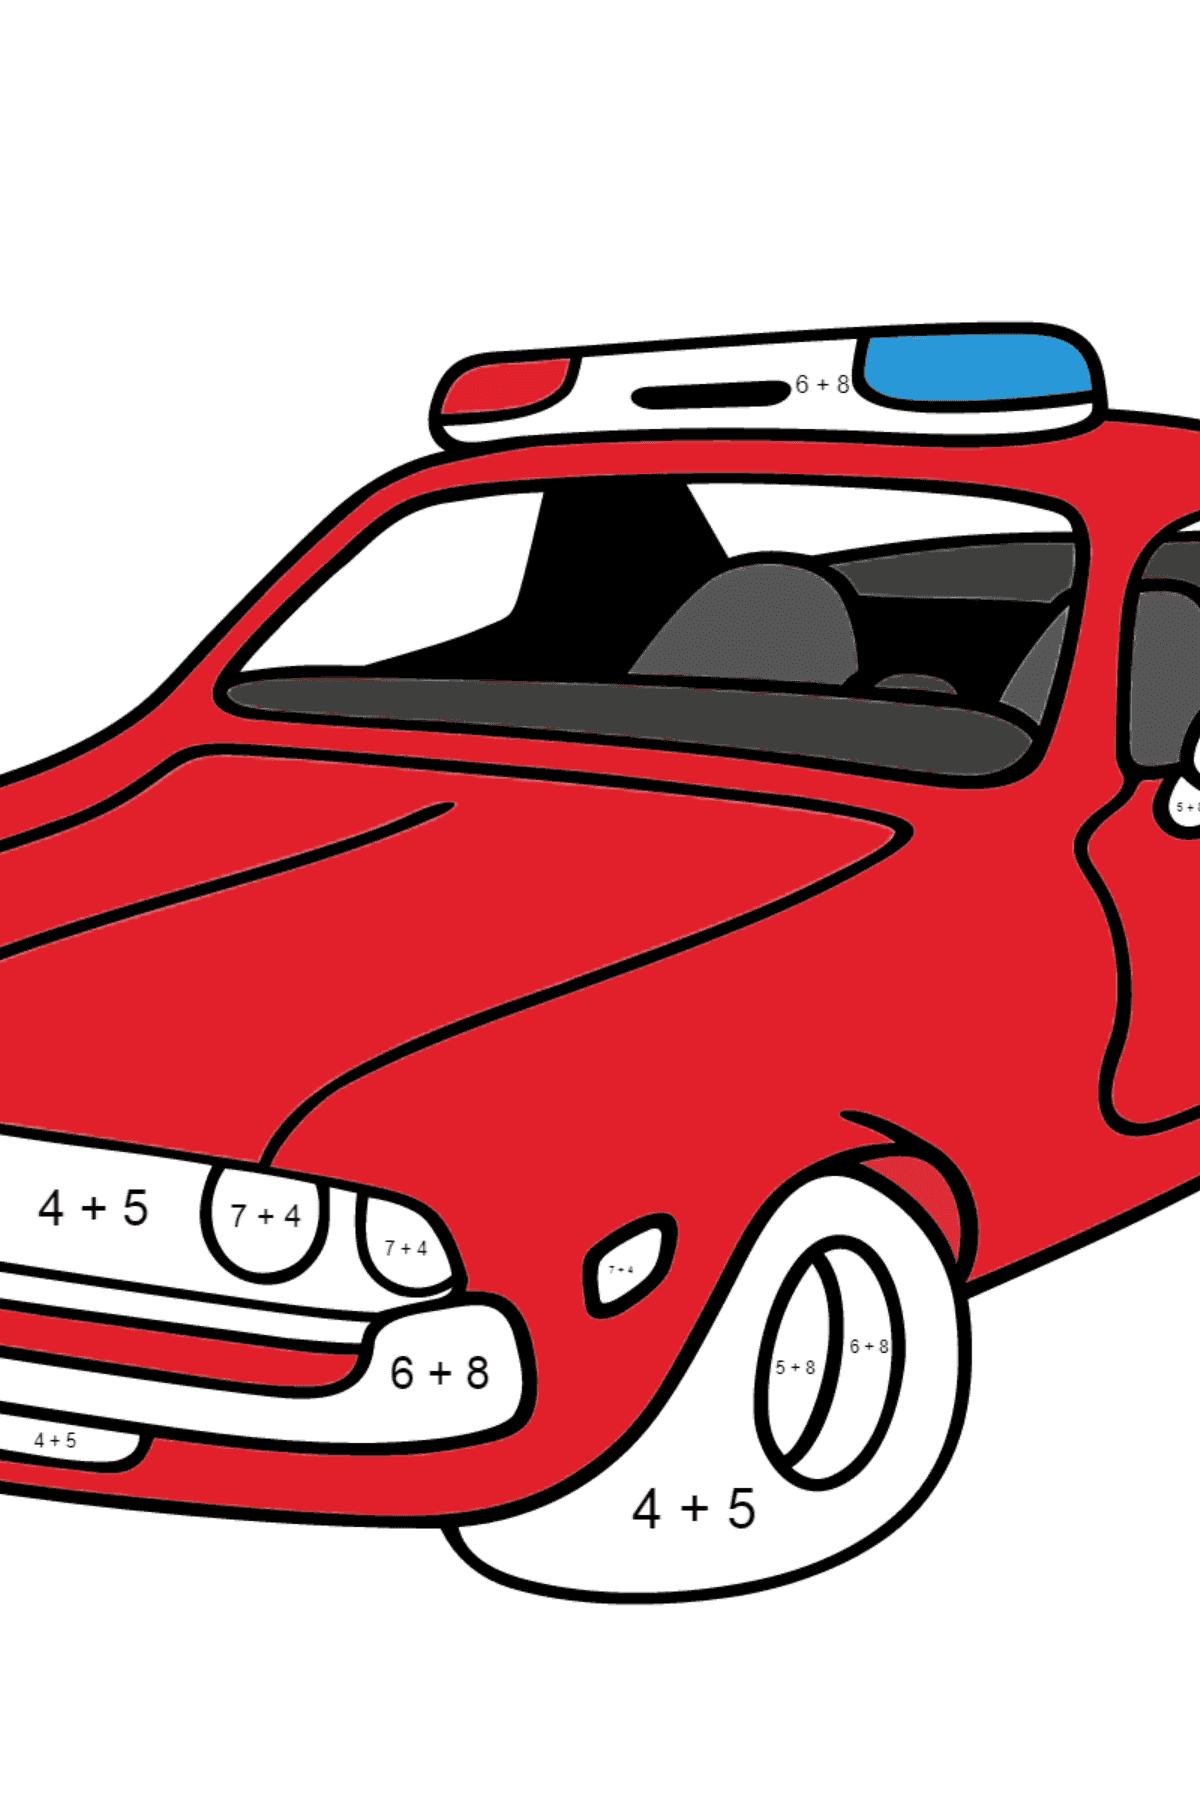 Página para Colorear - Una Patrulla de Policía Roja